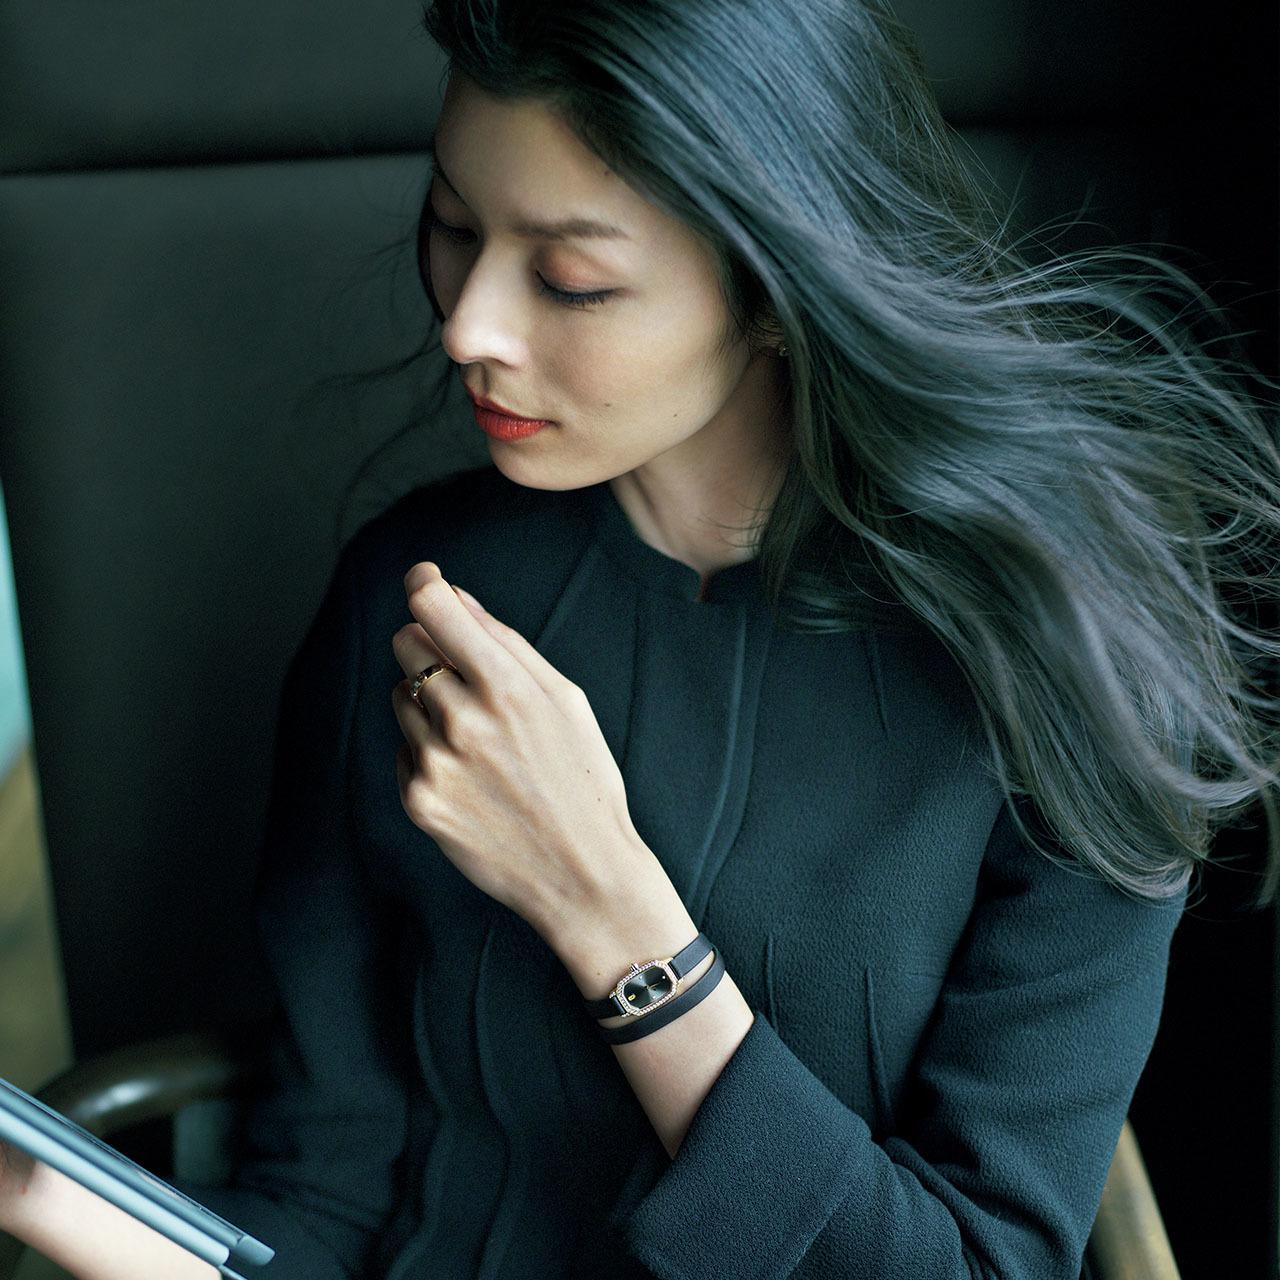 手もとに宿る品格、働く女性の最終仕上げ。華やかさと風格を添える腕時計 五選_1_1-4